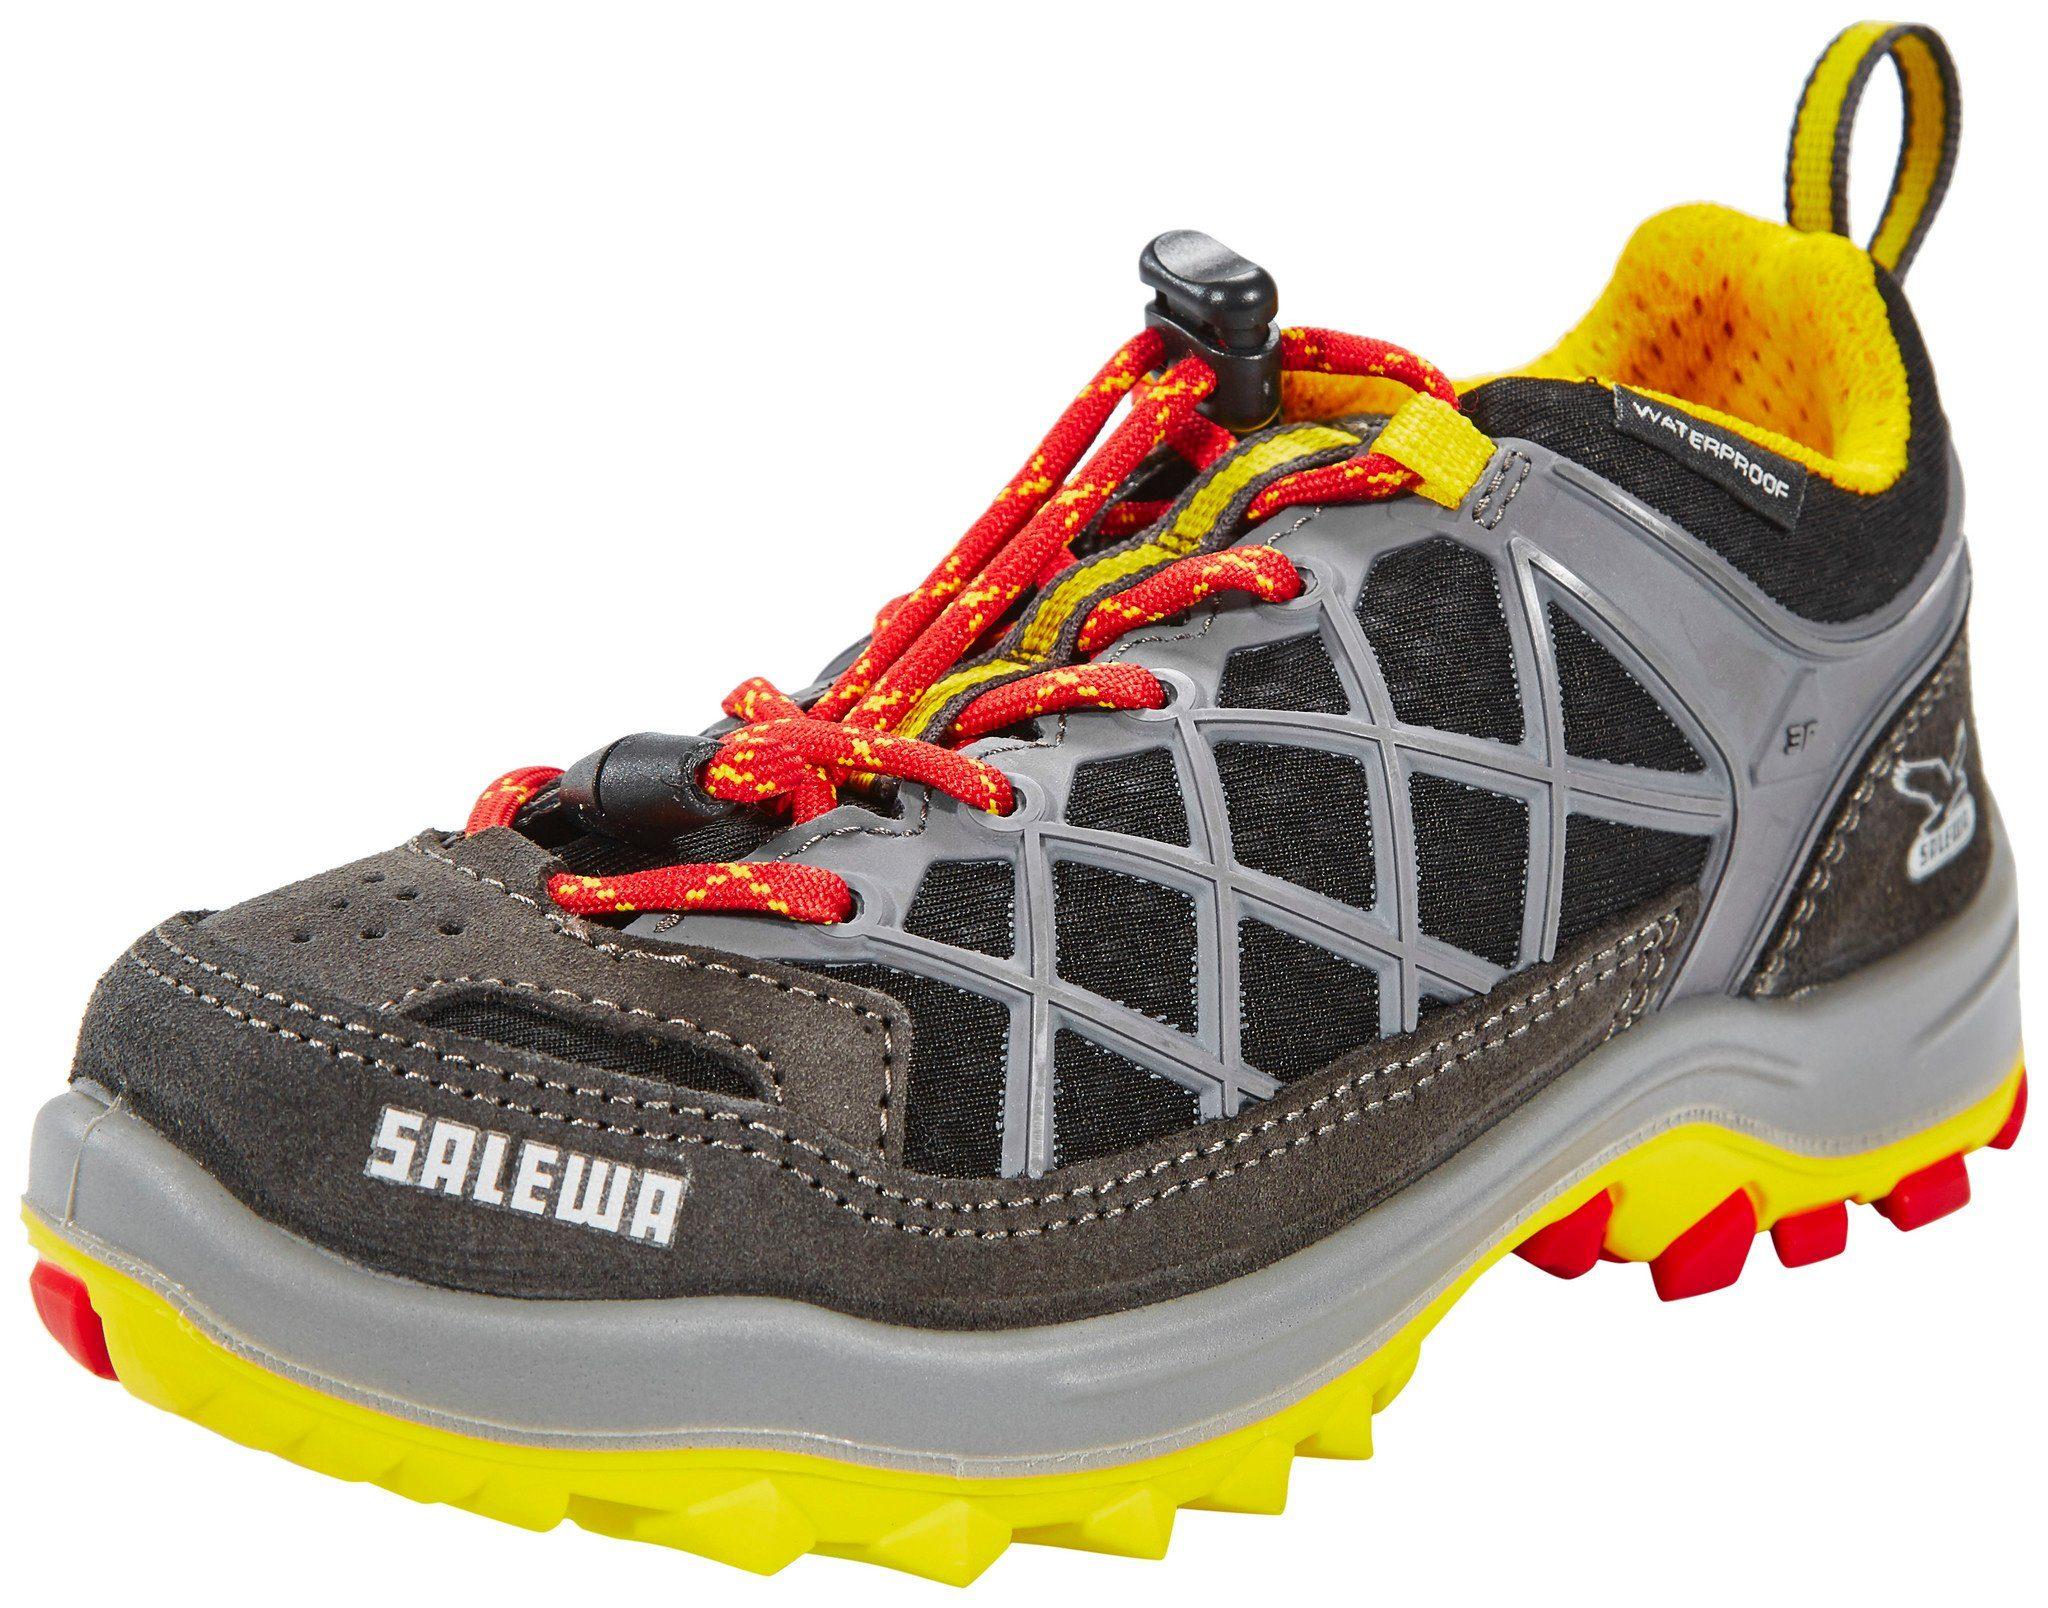 Salewa Kletterschuh Wildfire Waterproof Hiking Shoes Junior online kaufen  schwarz